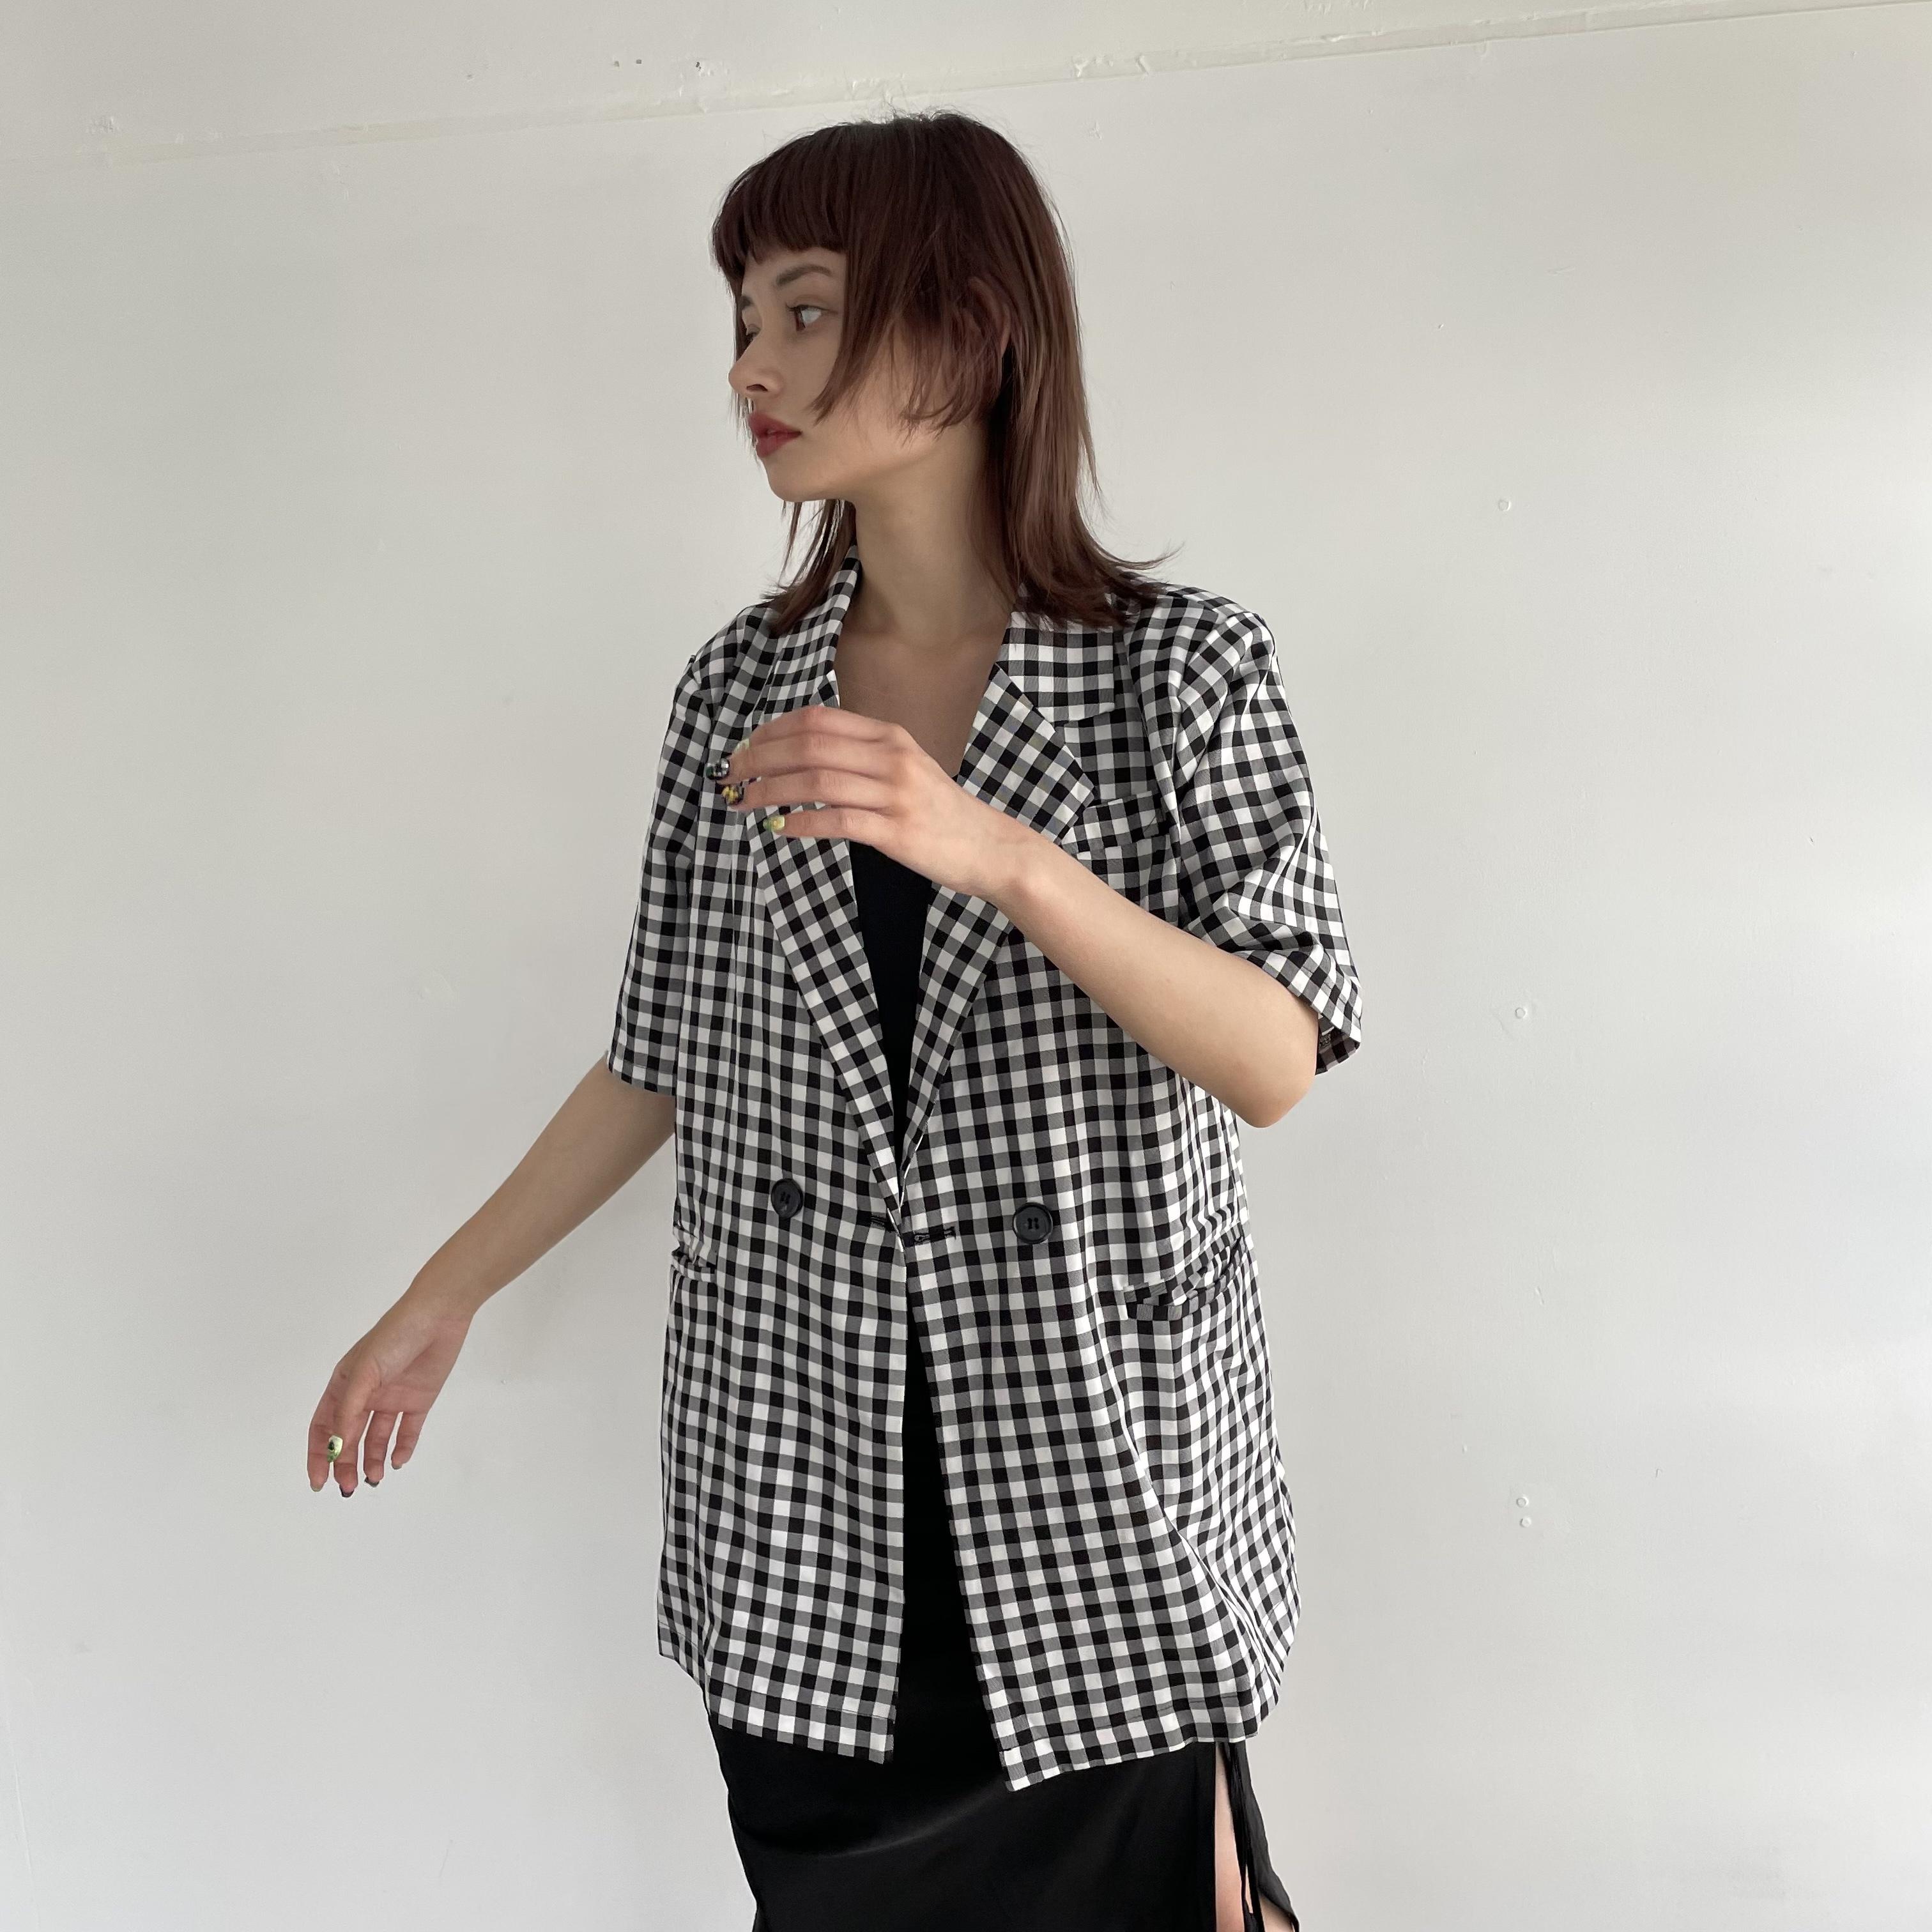 【Belle】check short sleeve jacket / black